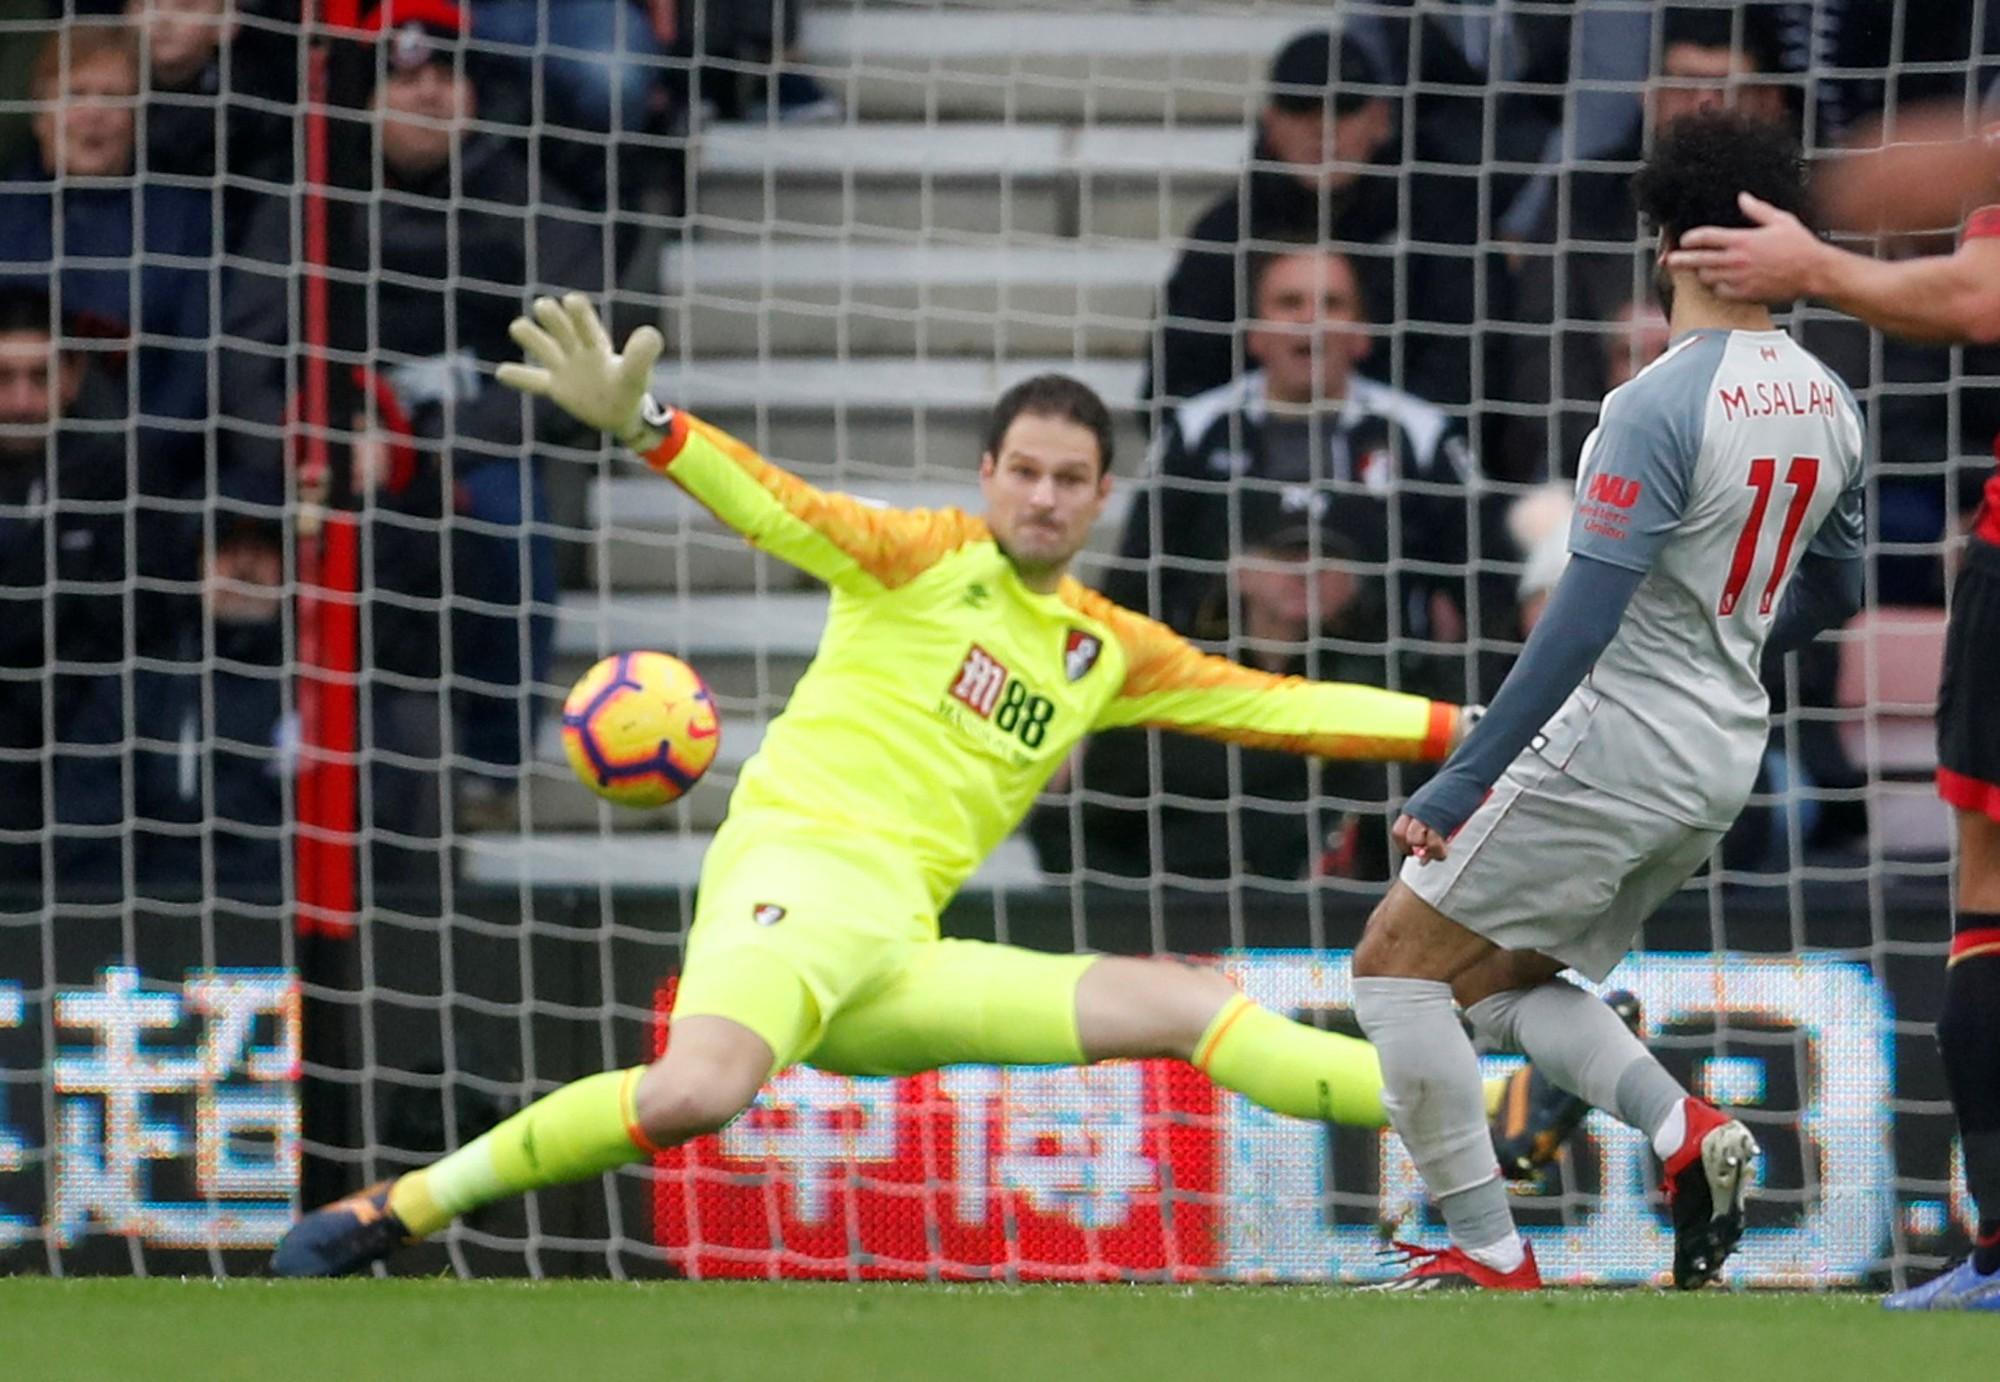 Salah lập hat-trick, Liverpool tạm chiếm ngôi đầu bảng - Ảnh 1.